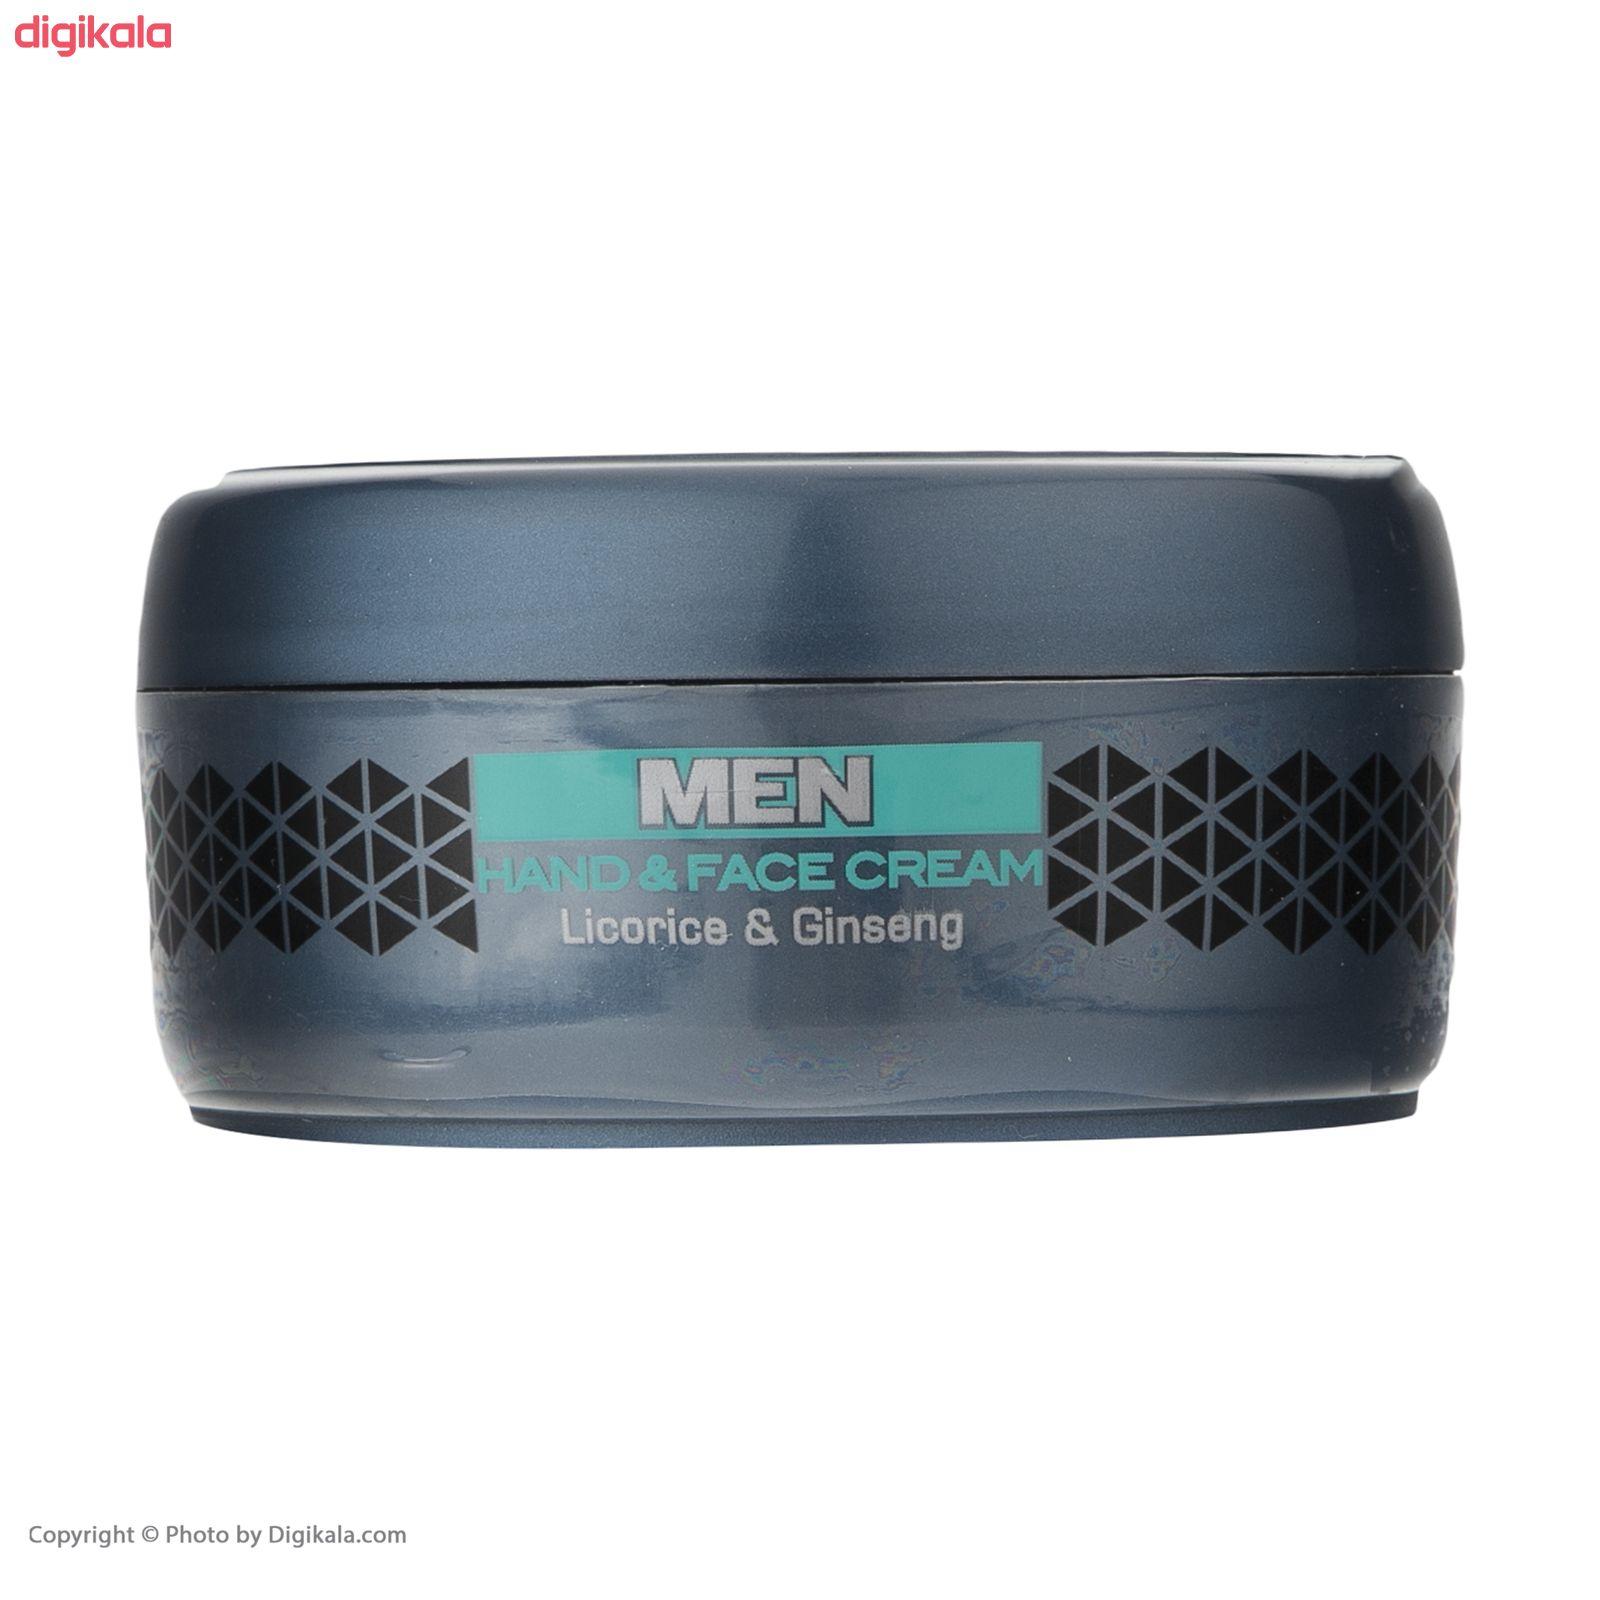 کرم مرطوب کننده مردانه مای مدل Licorice and Ginseng حجم 200 میلی لیتر main 1 1